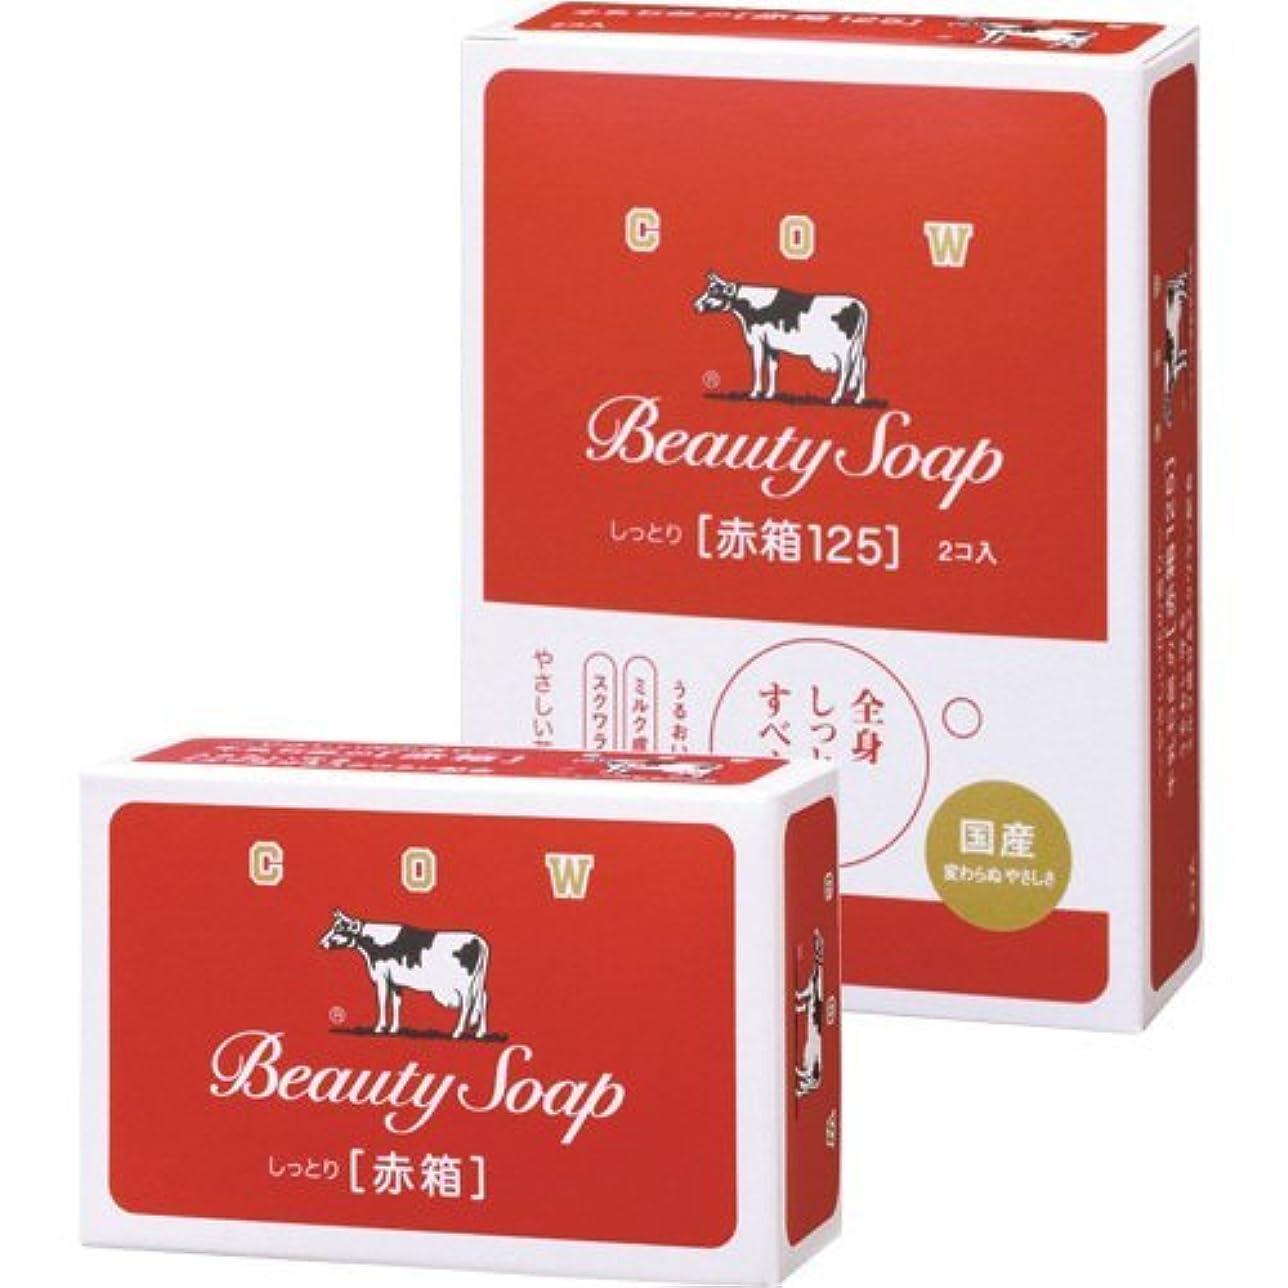 [牛乳石鹸 2627843] (ケア商品)カウブランド 赤箱125 125g×2個入